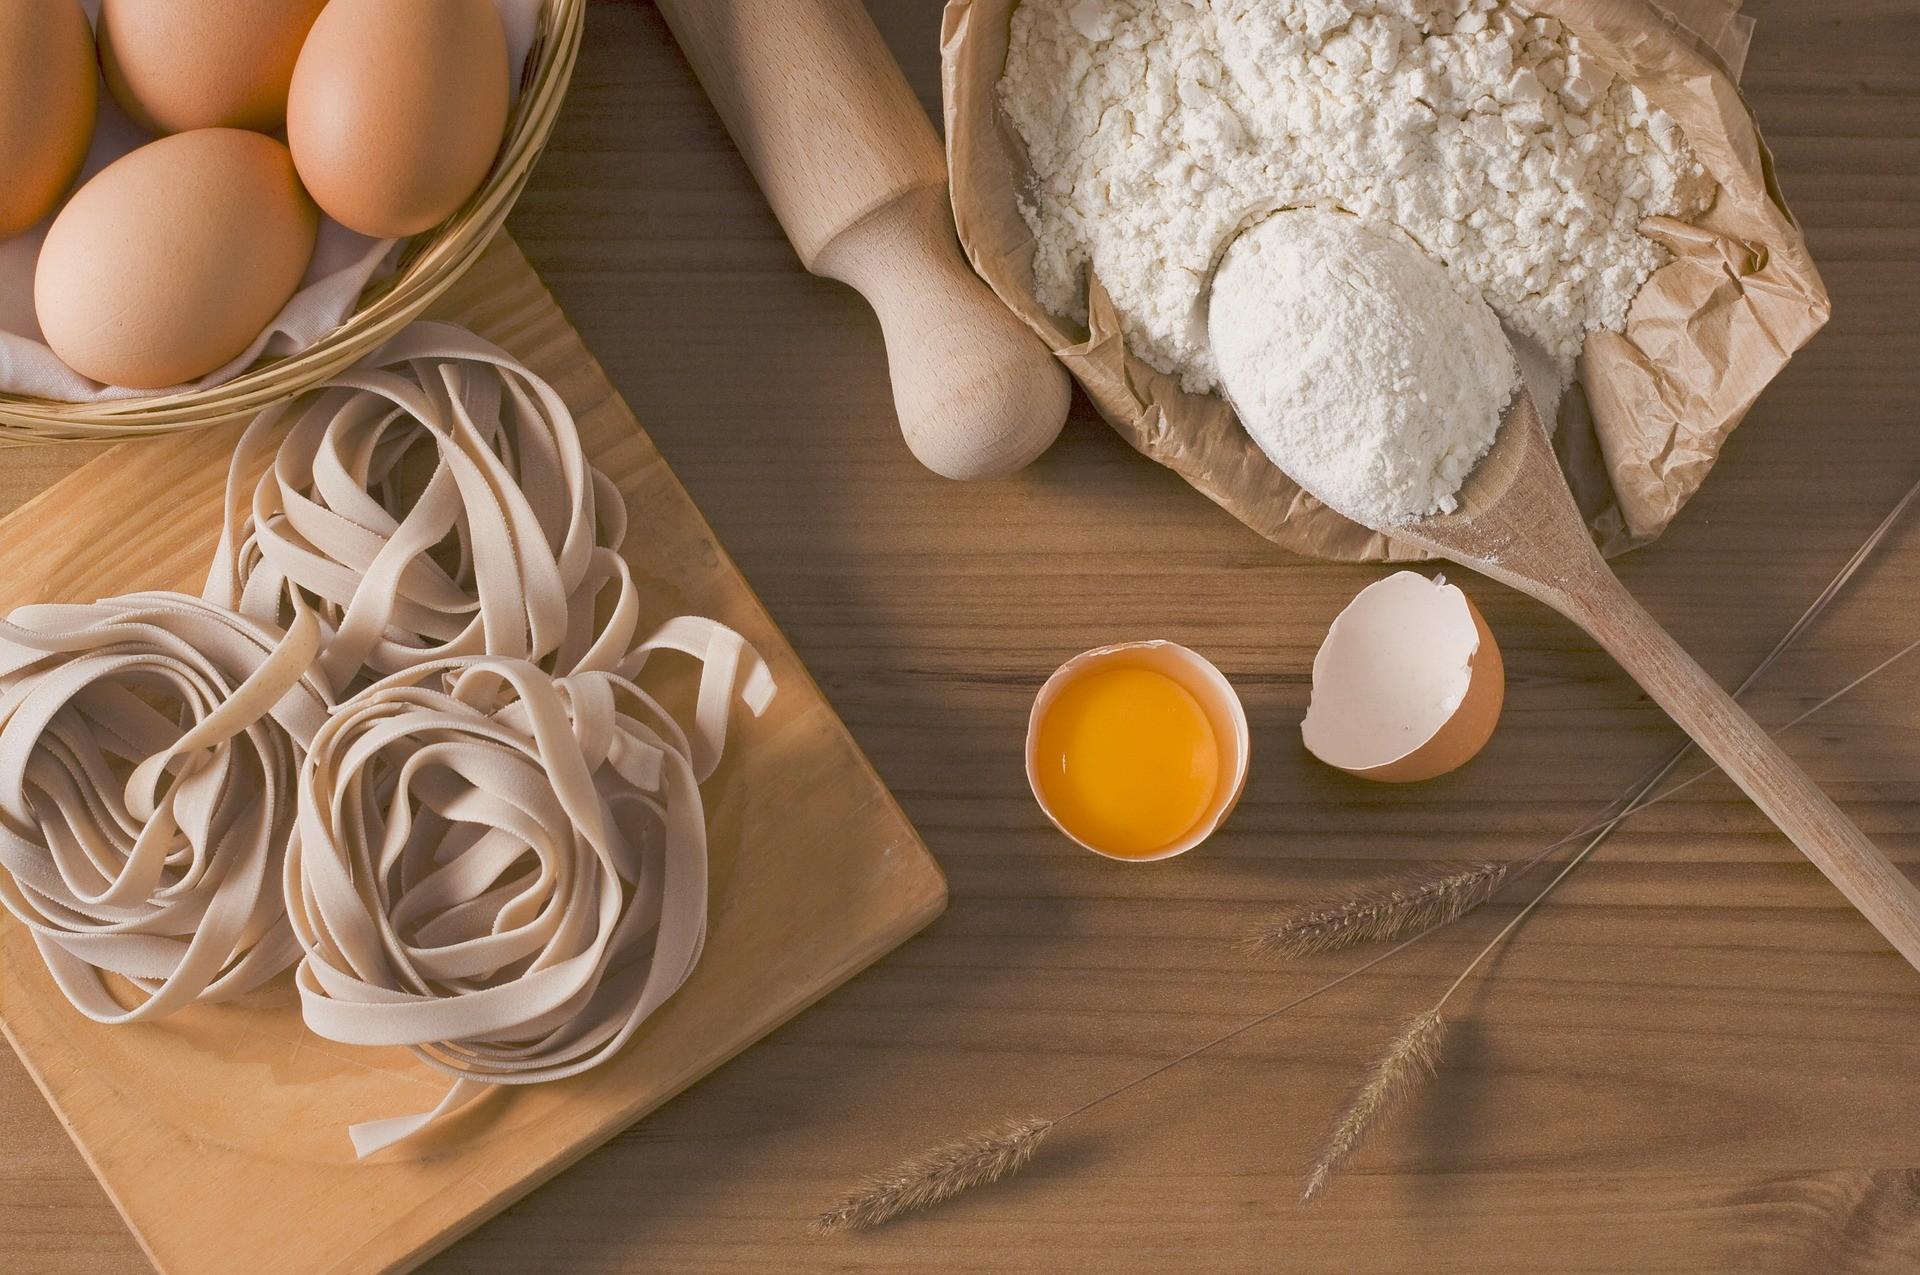 Inove na cozinha com estas dicas  (Foto: Pixabay)